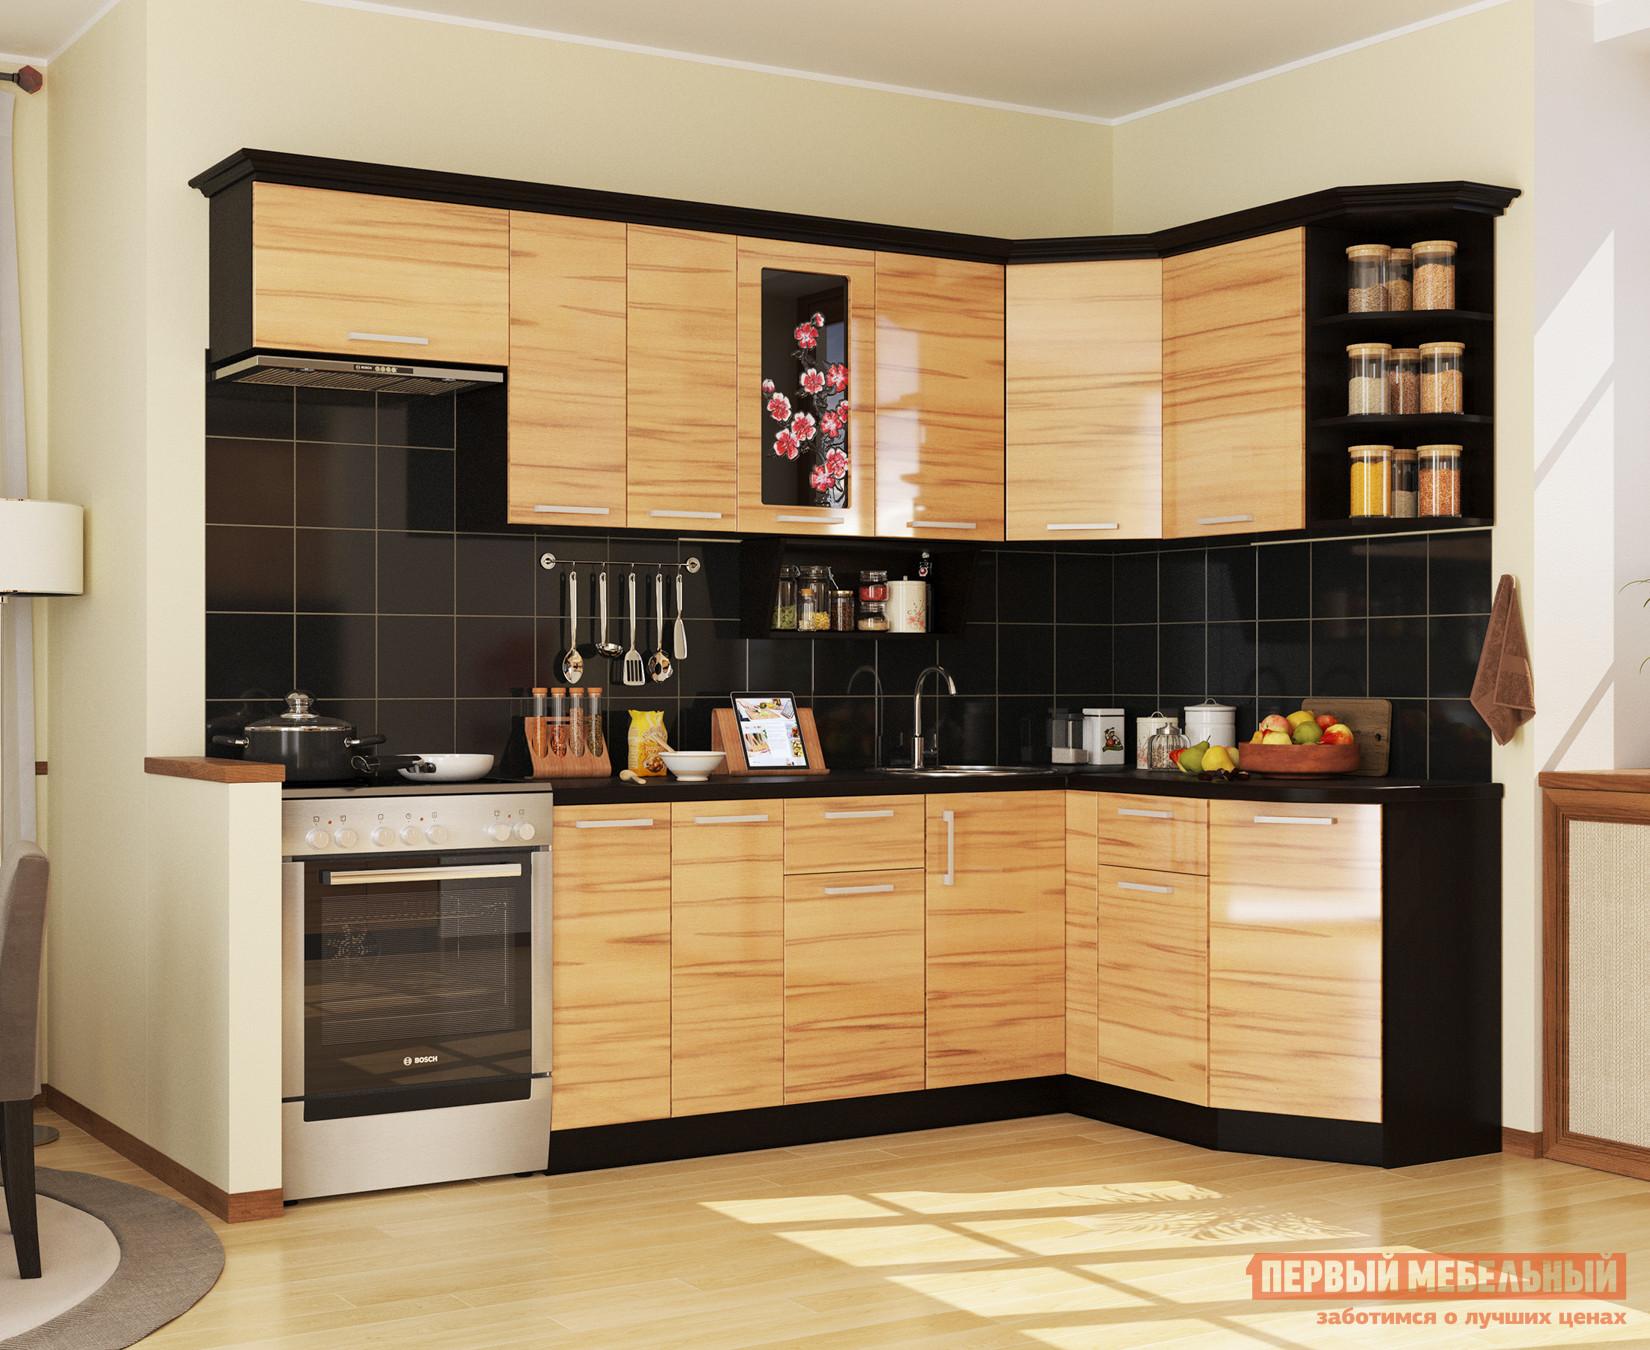 Угловой кухонный гарнитур МО РОСТ Сакура Угол 1 кухонный гарнитур мо рост венеция 2 угол